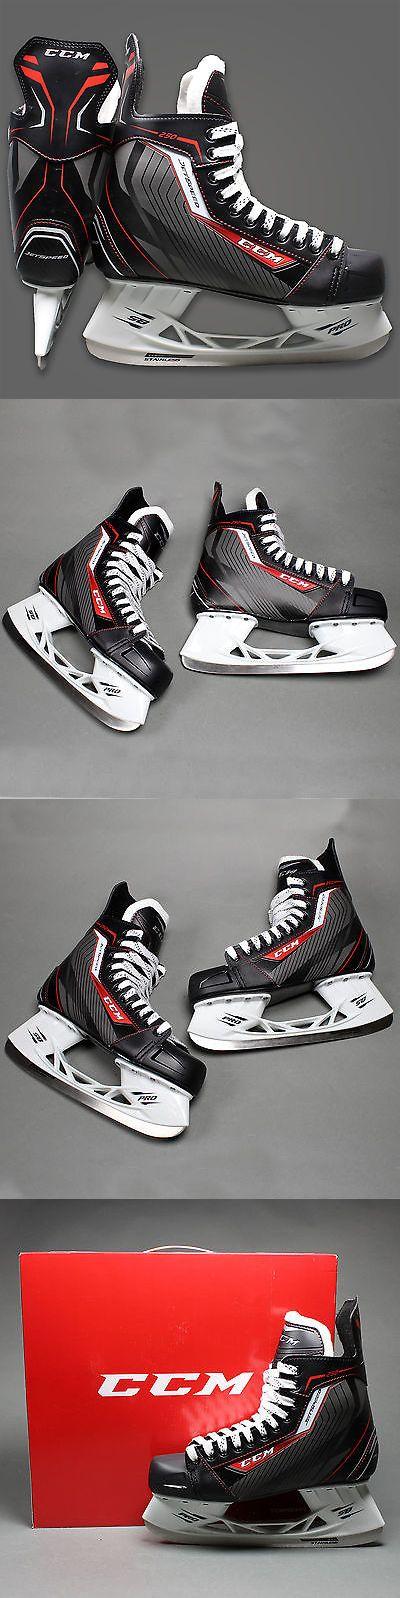 Ice Hockey-Adult 20858: Ccm Jetspeed 250 Senior Ice Hockey Skates Sr (New) Lists For: $79.99 -> BUY IT NOW ONLY: $79.99 on eBay!